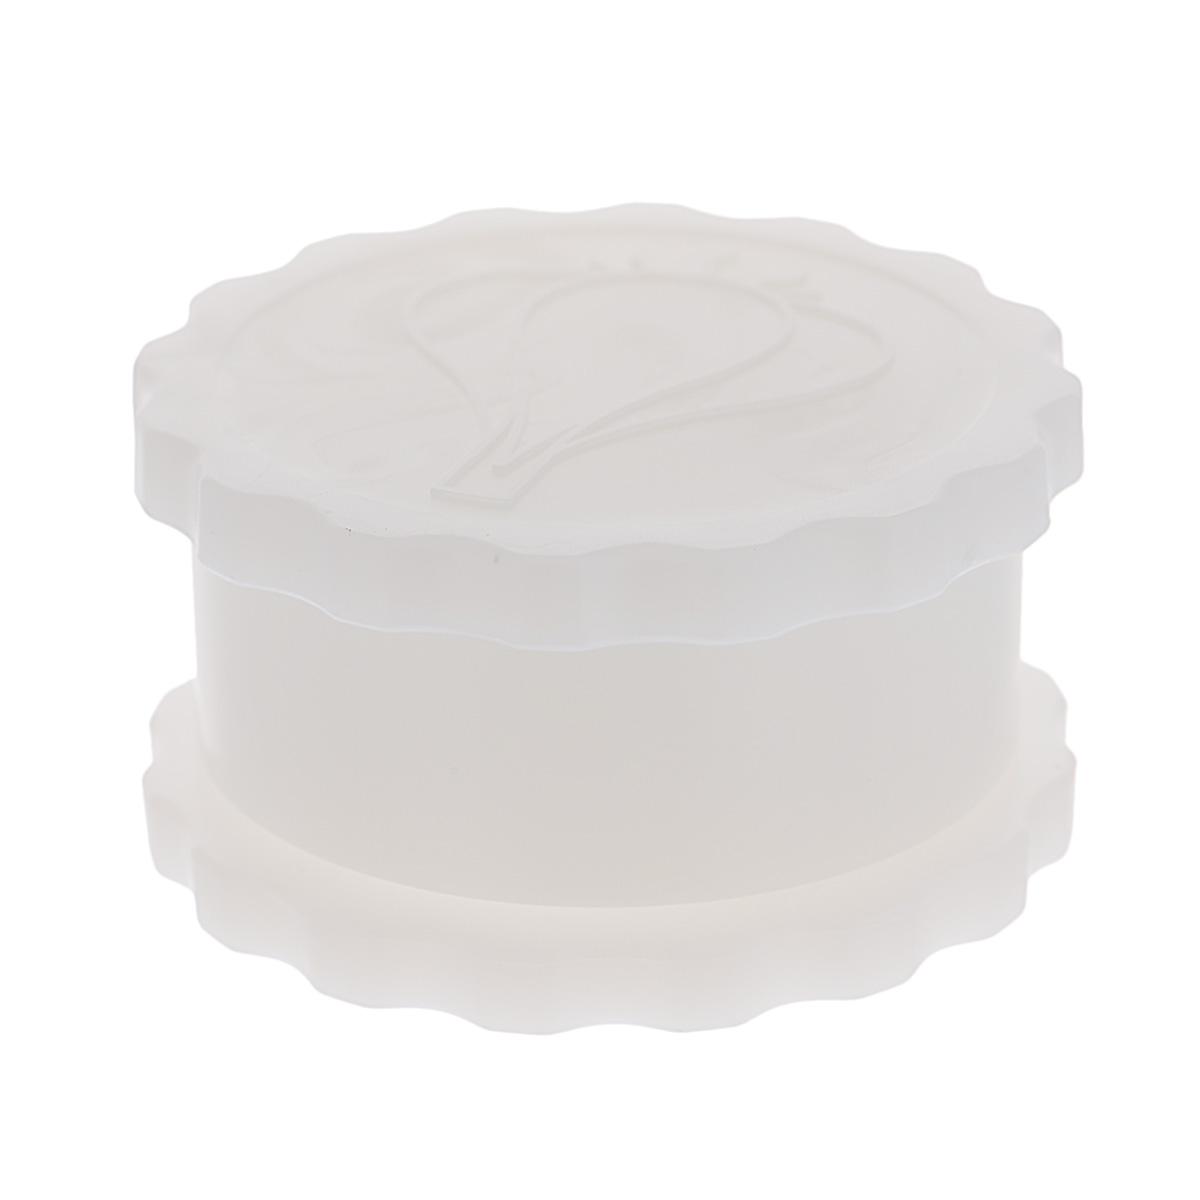 Измельчитель чеснока Альтернатива, цвет: белый, диаметр 8 см115610Измельчитель Альтернатива, выполненный из высокопрочного пластика, предназначен для быстрого измельчения зубчиков чеснока. Прибор также можно использовать для отделения головок чеснока от шелухи. Измельчитель очень прост в использовании: положите внутрь чеснок и покрутите крышку, придерживая основание. Прибор быстро и без отходов измельчит чеснок. Пригоден для мытья в посудомоечной машине.Диаметр измельчителя: 8 см.Высота измельчителя: 4,5 см.